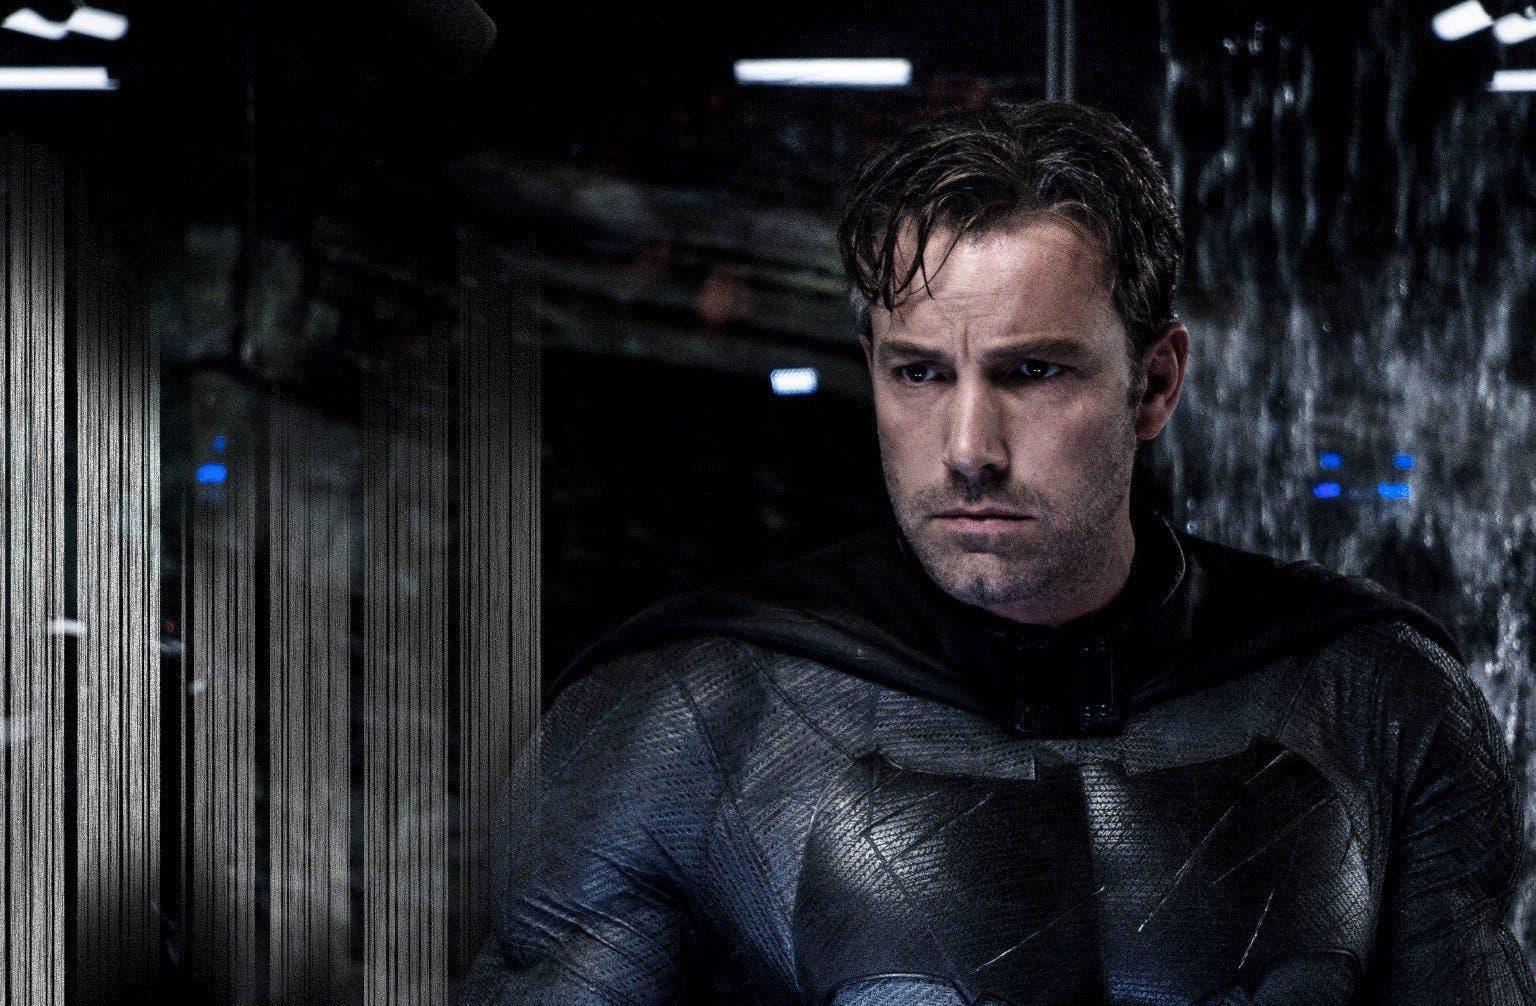 Batman Ben Affleck mediocre